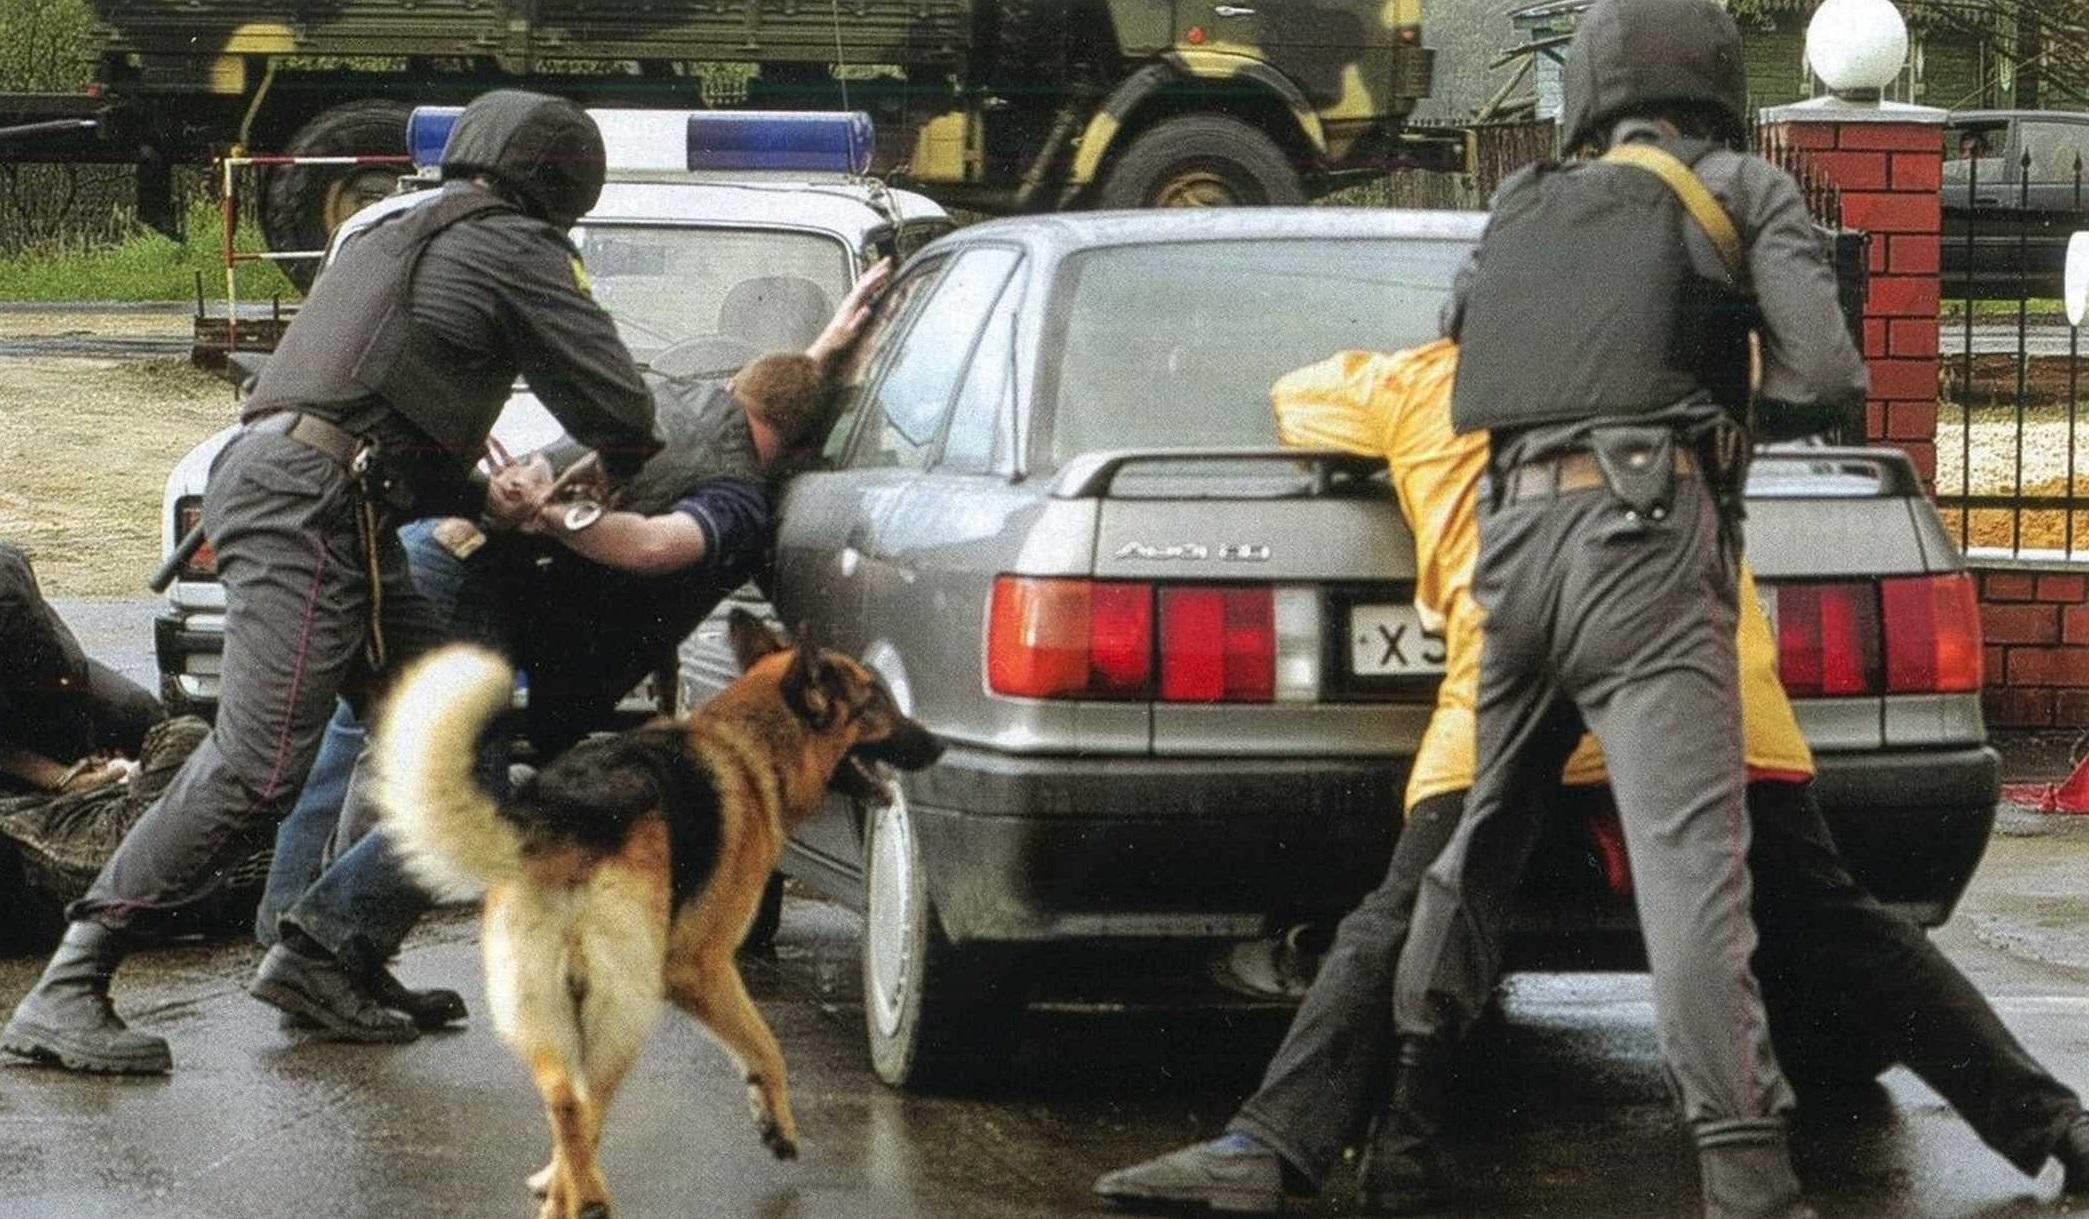 Российская полиция предлагает автовладельцам охрану транспортных средств и розыск в случае угона - за деньги.